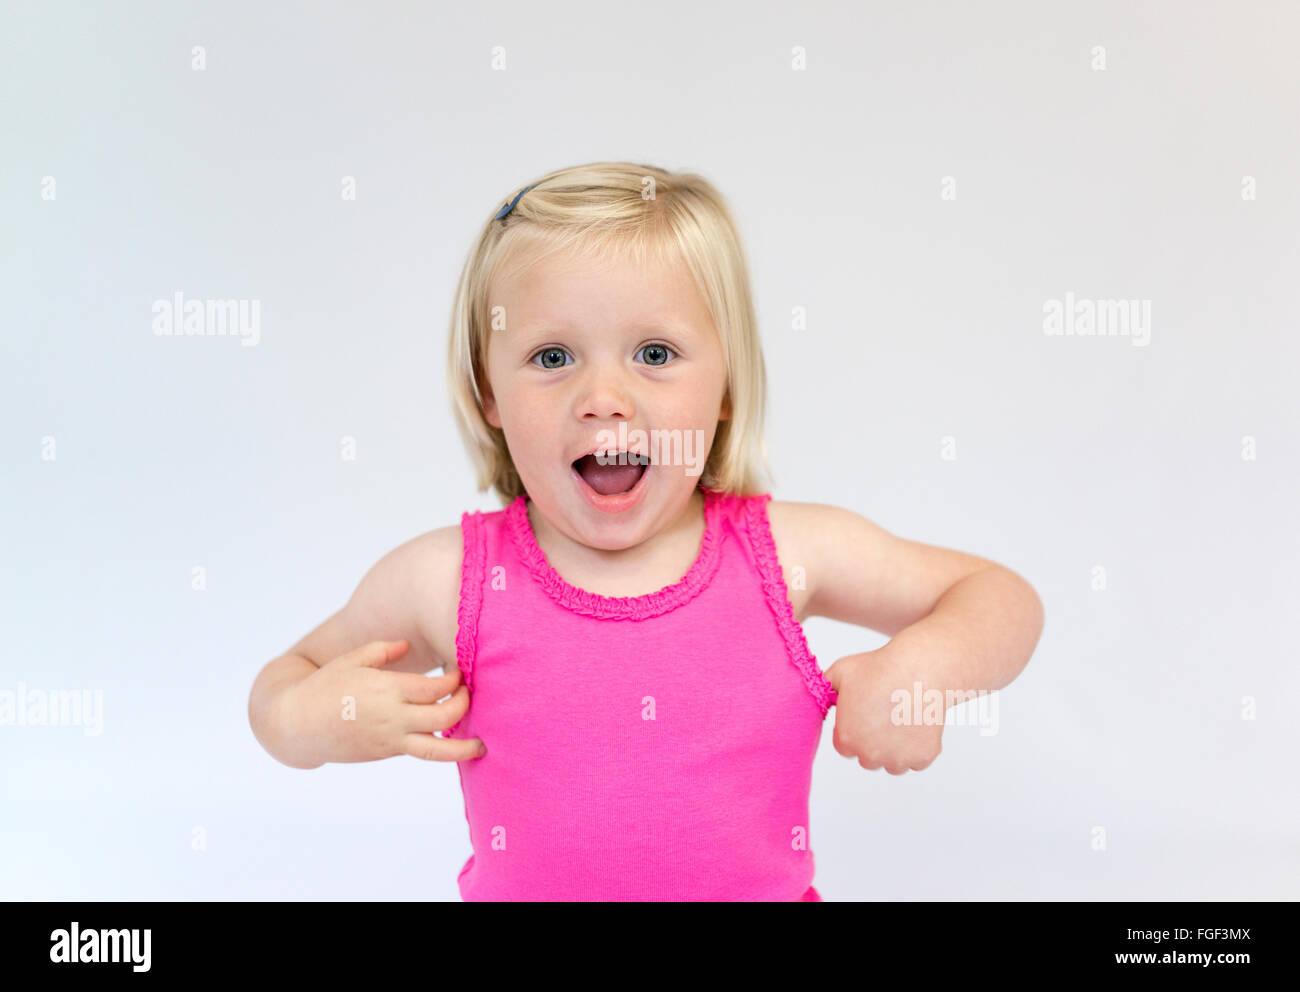 Retrato de una joven con el pelo rubio corto vistiendo un chaleco rosa top riendo Imagen De Stock